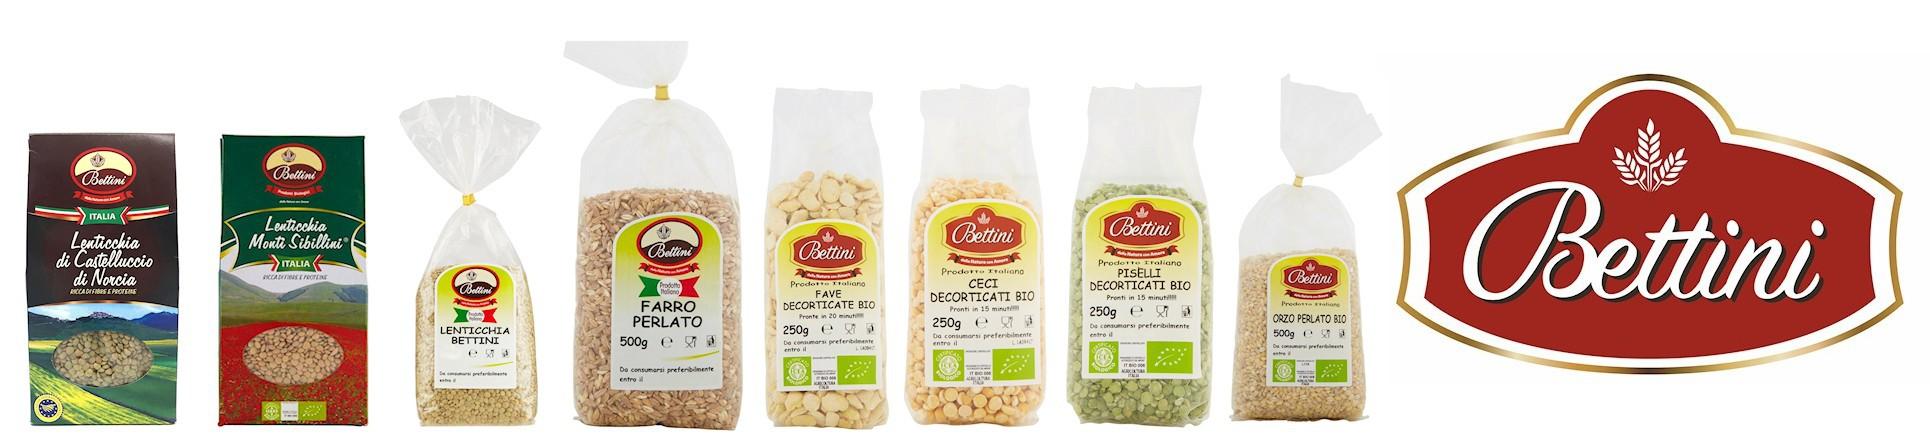 B2B GUSTOX - il Marketplace all'ingrosso delle eccellenze agroalimentari italiane - BETTINI BIO